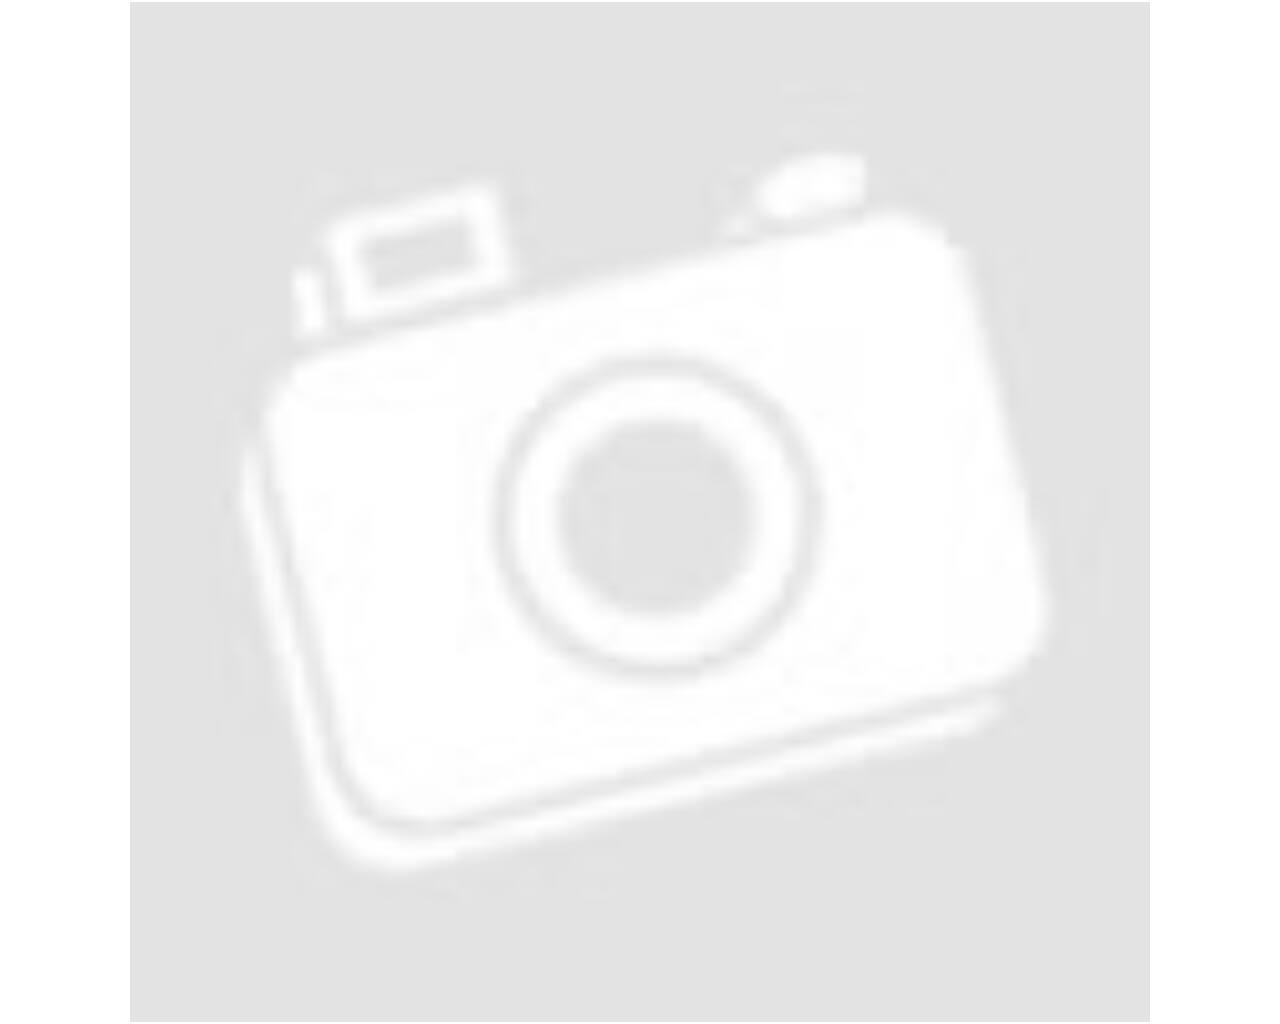 Mosdókagyló állvány, Cersanit Keops R04 - 033, 17 x 64 cm